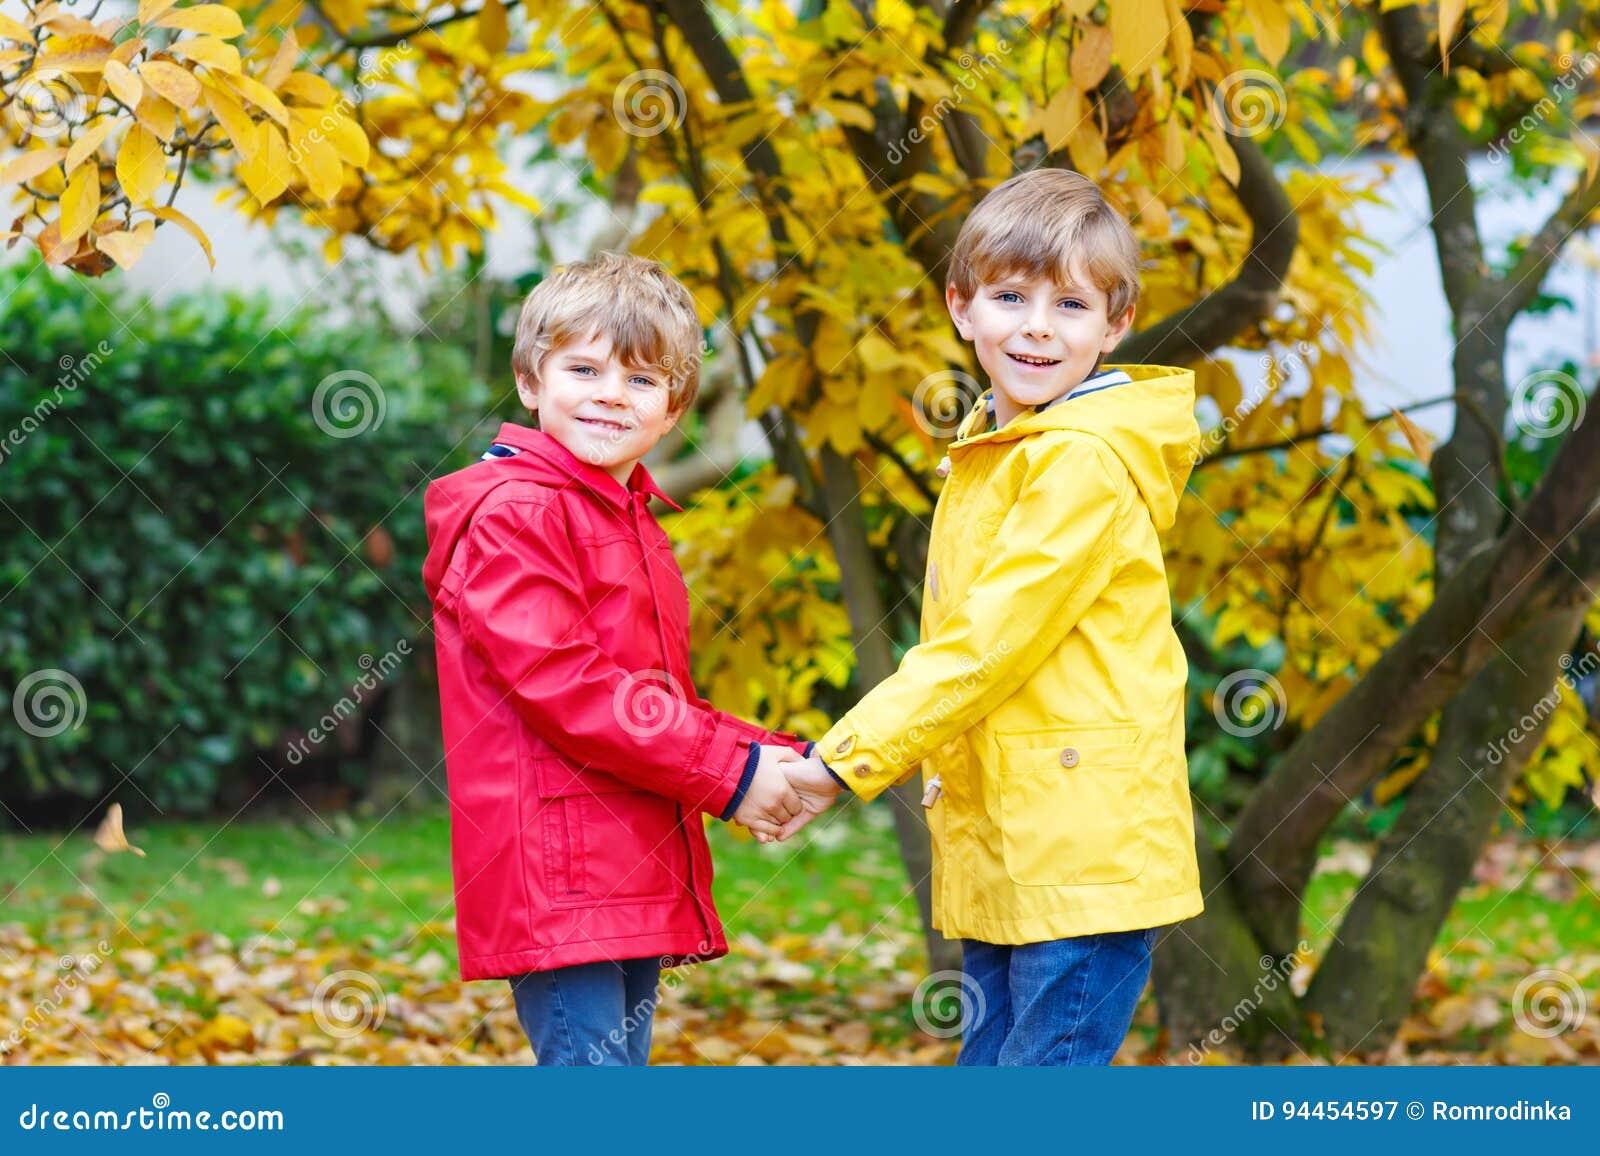 Δύο μικρό πάρκο φθινοπώρου καλύτερων φίλων και αγοριών παιδιών στα ζωηρόχρωμα ενδύματα